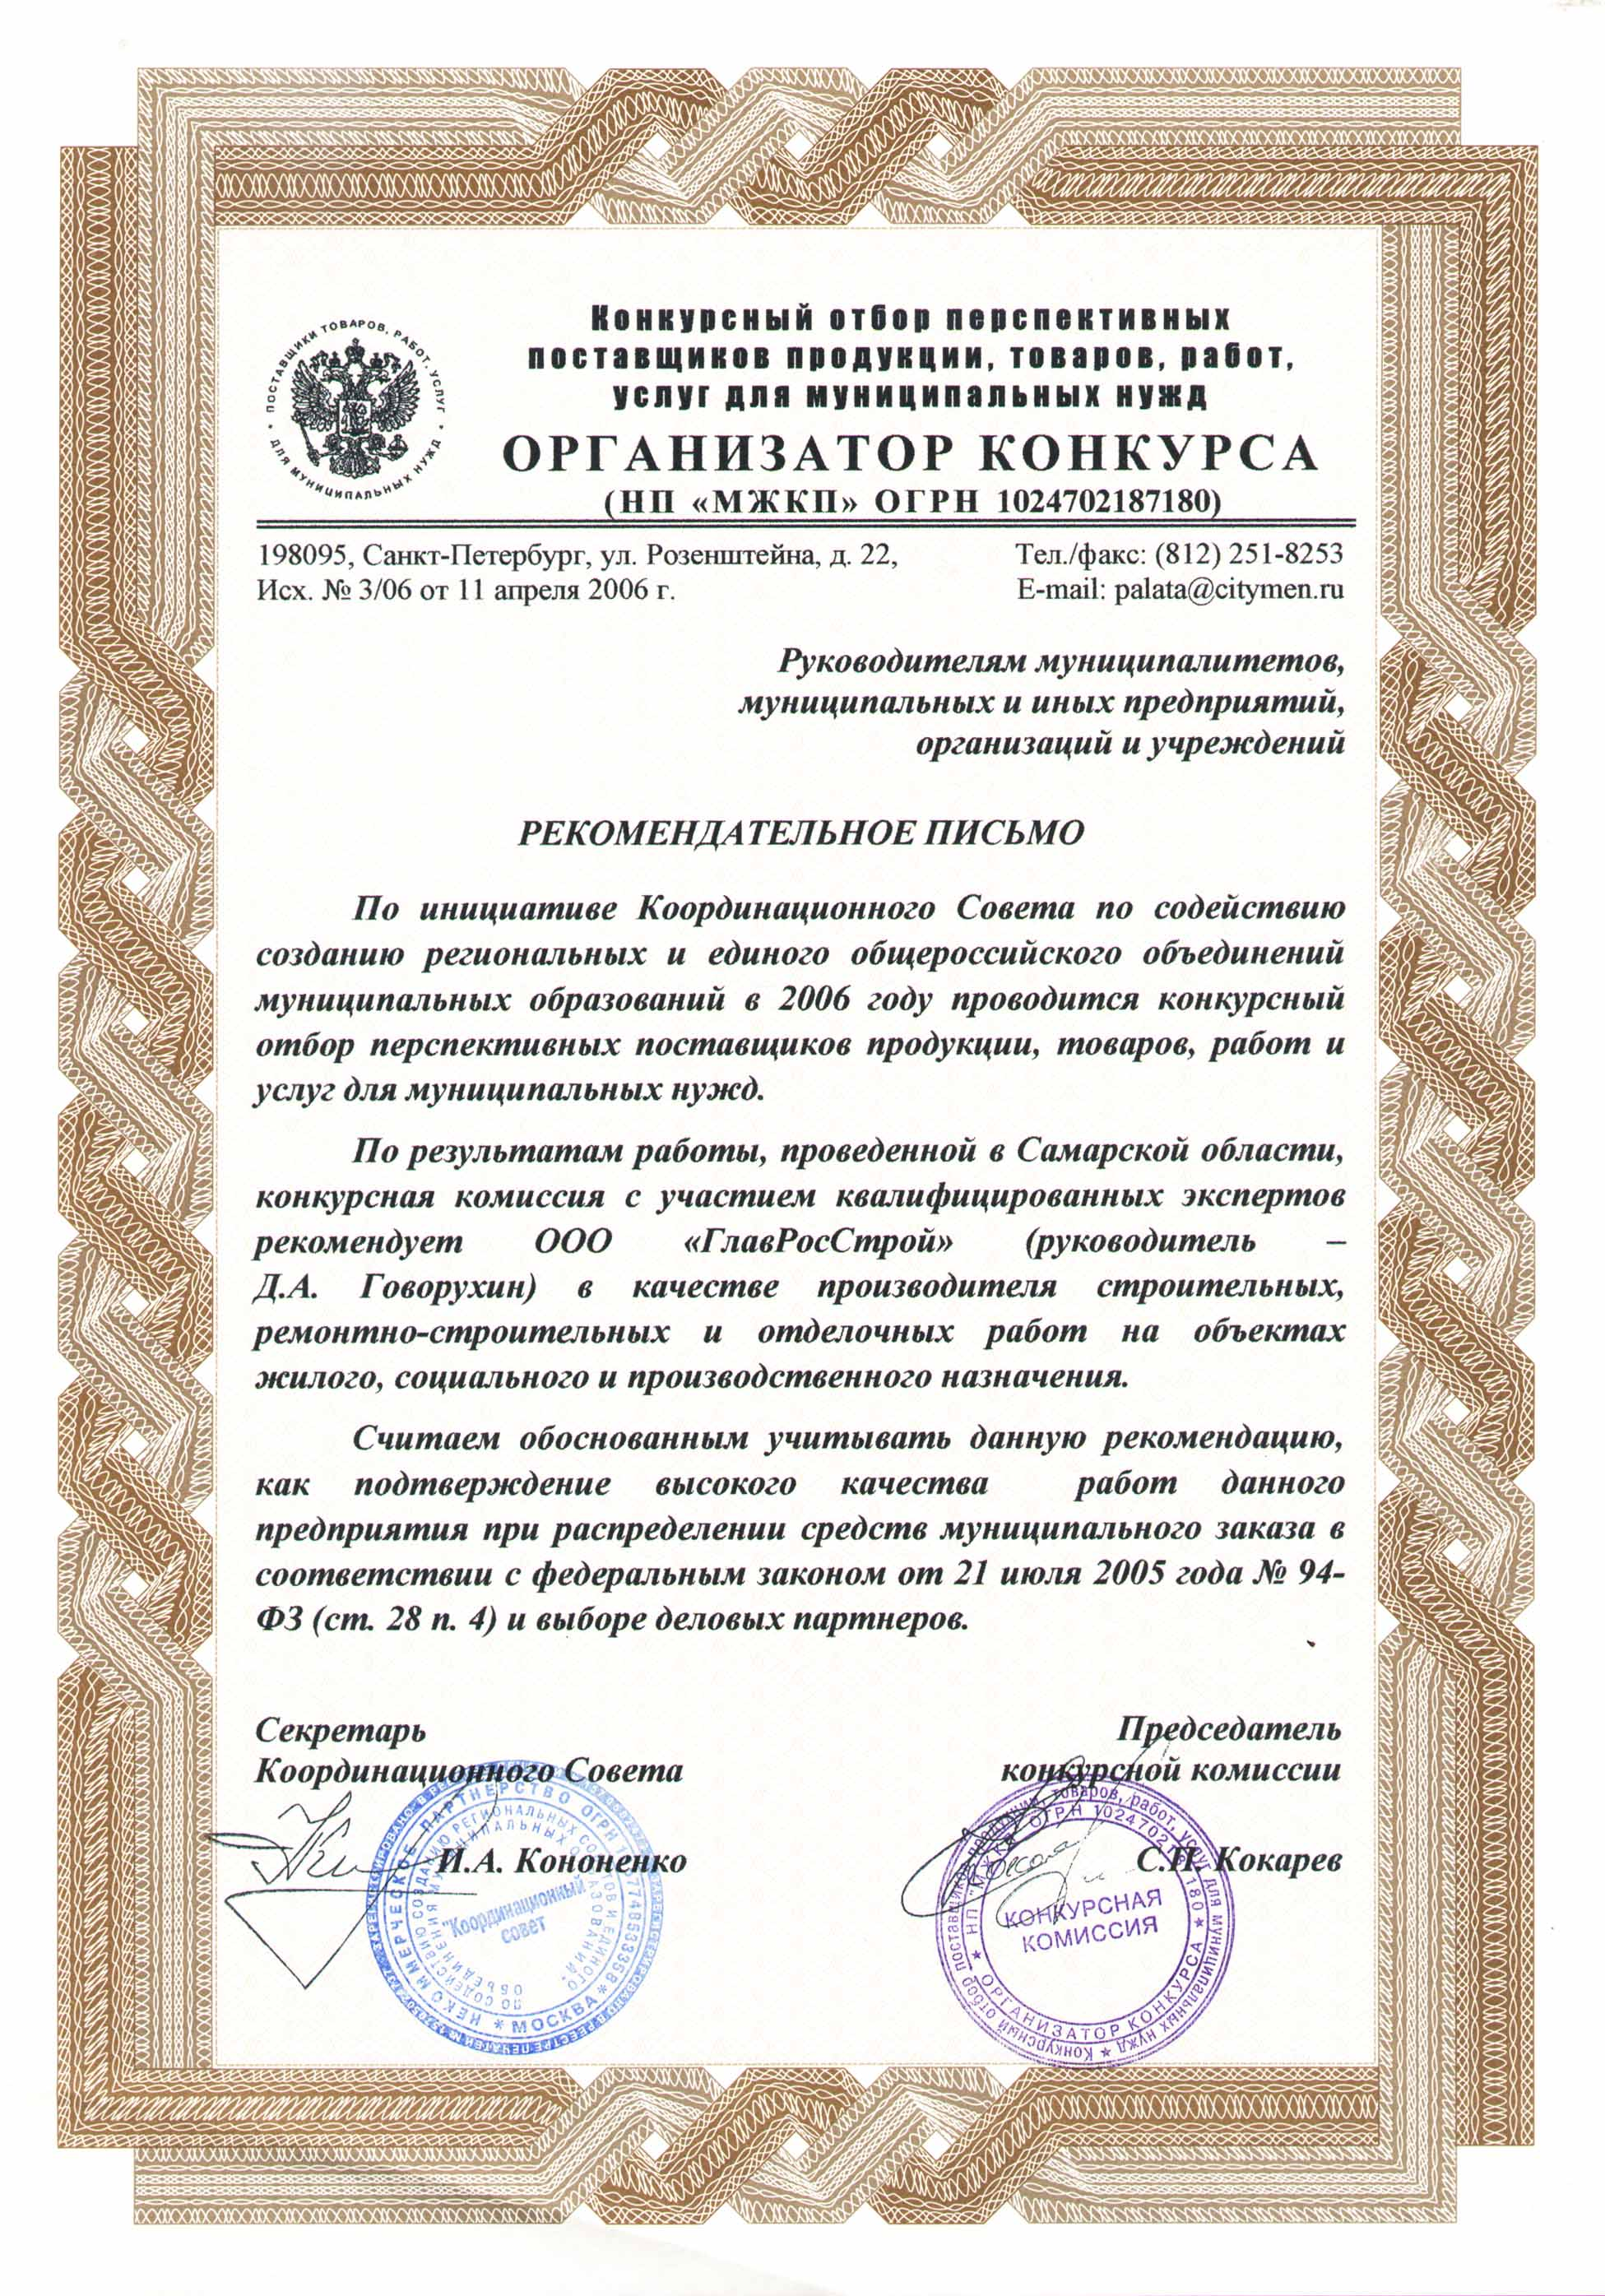 ГРС Реком.письмо